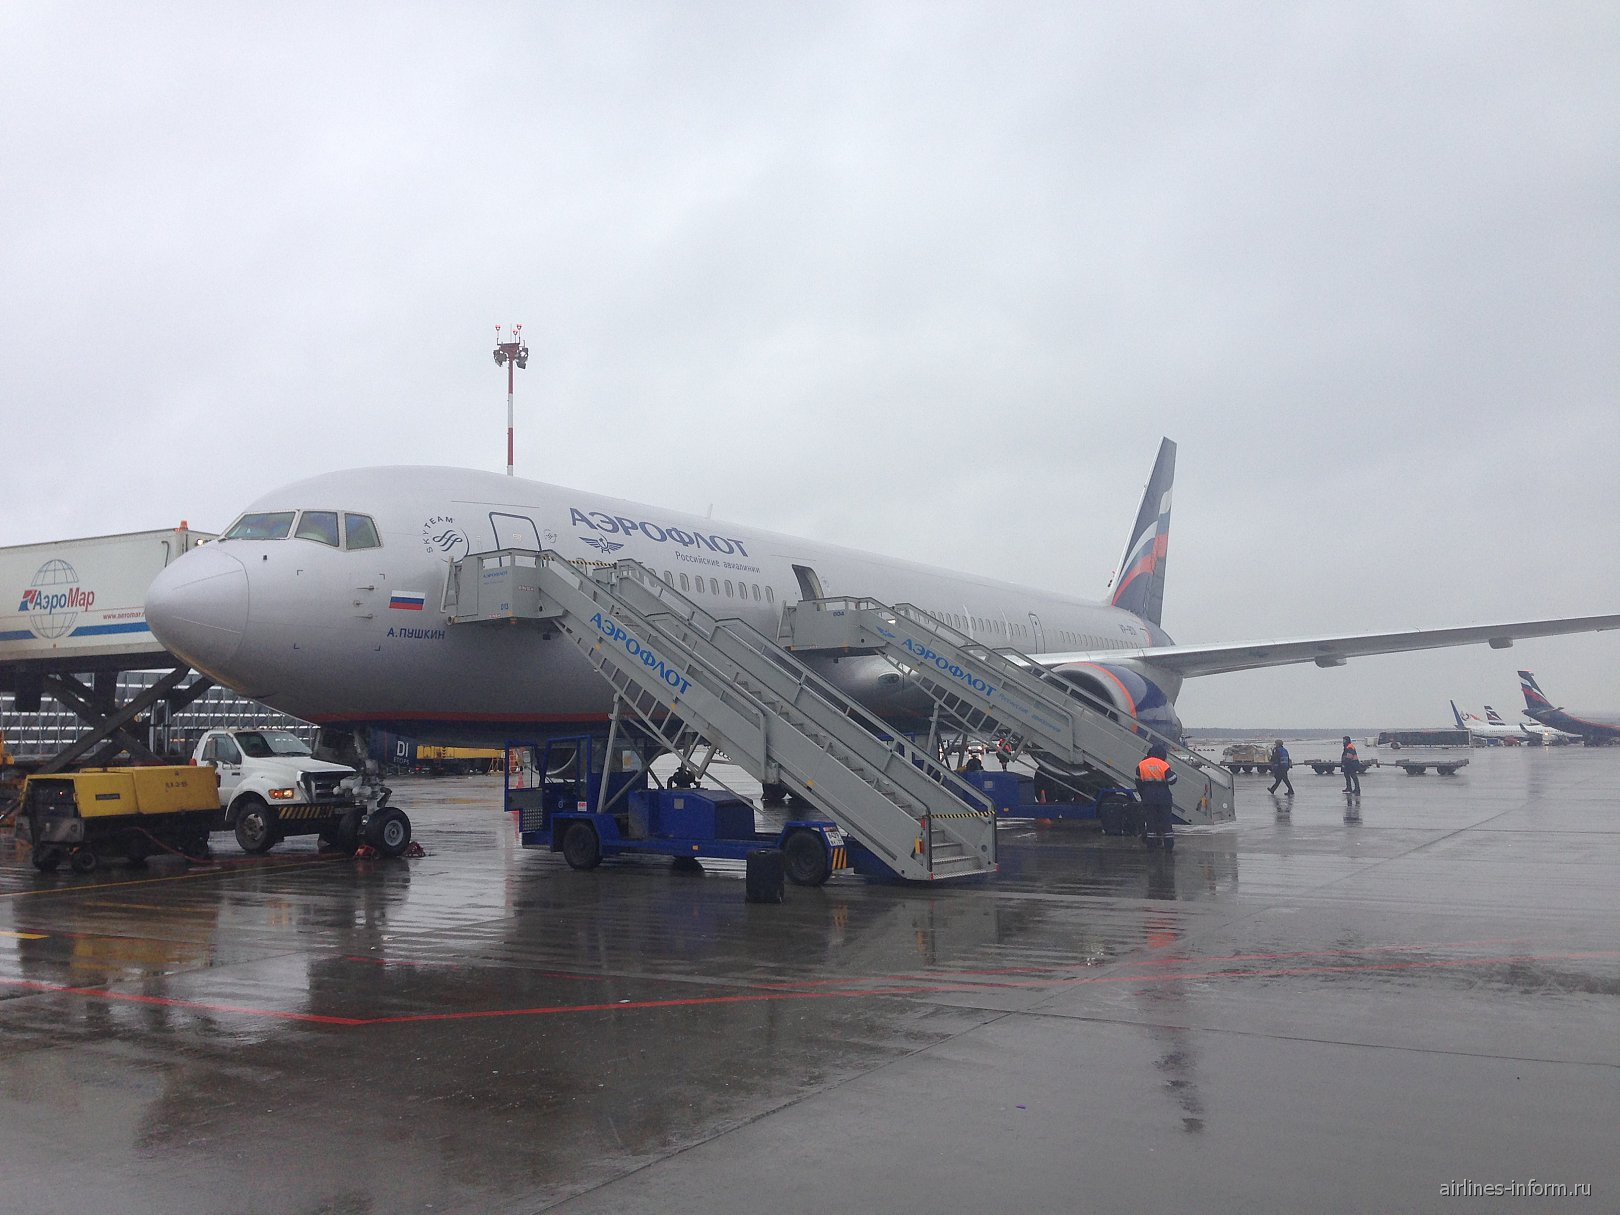 Самолет Боинг-767-300 Аэрофлота в аэропорту Шереметьево